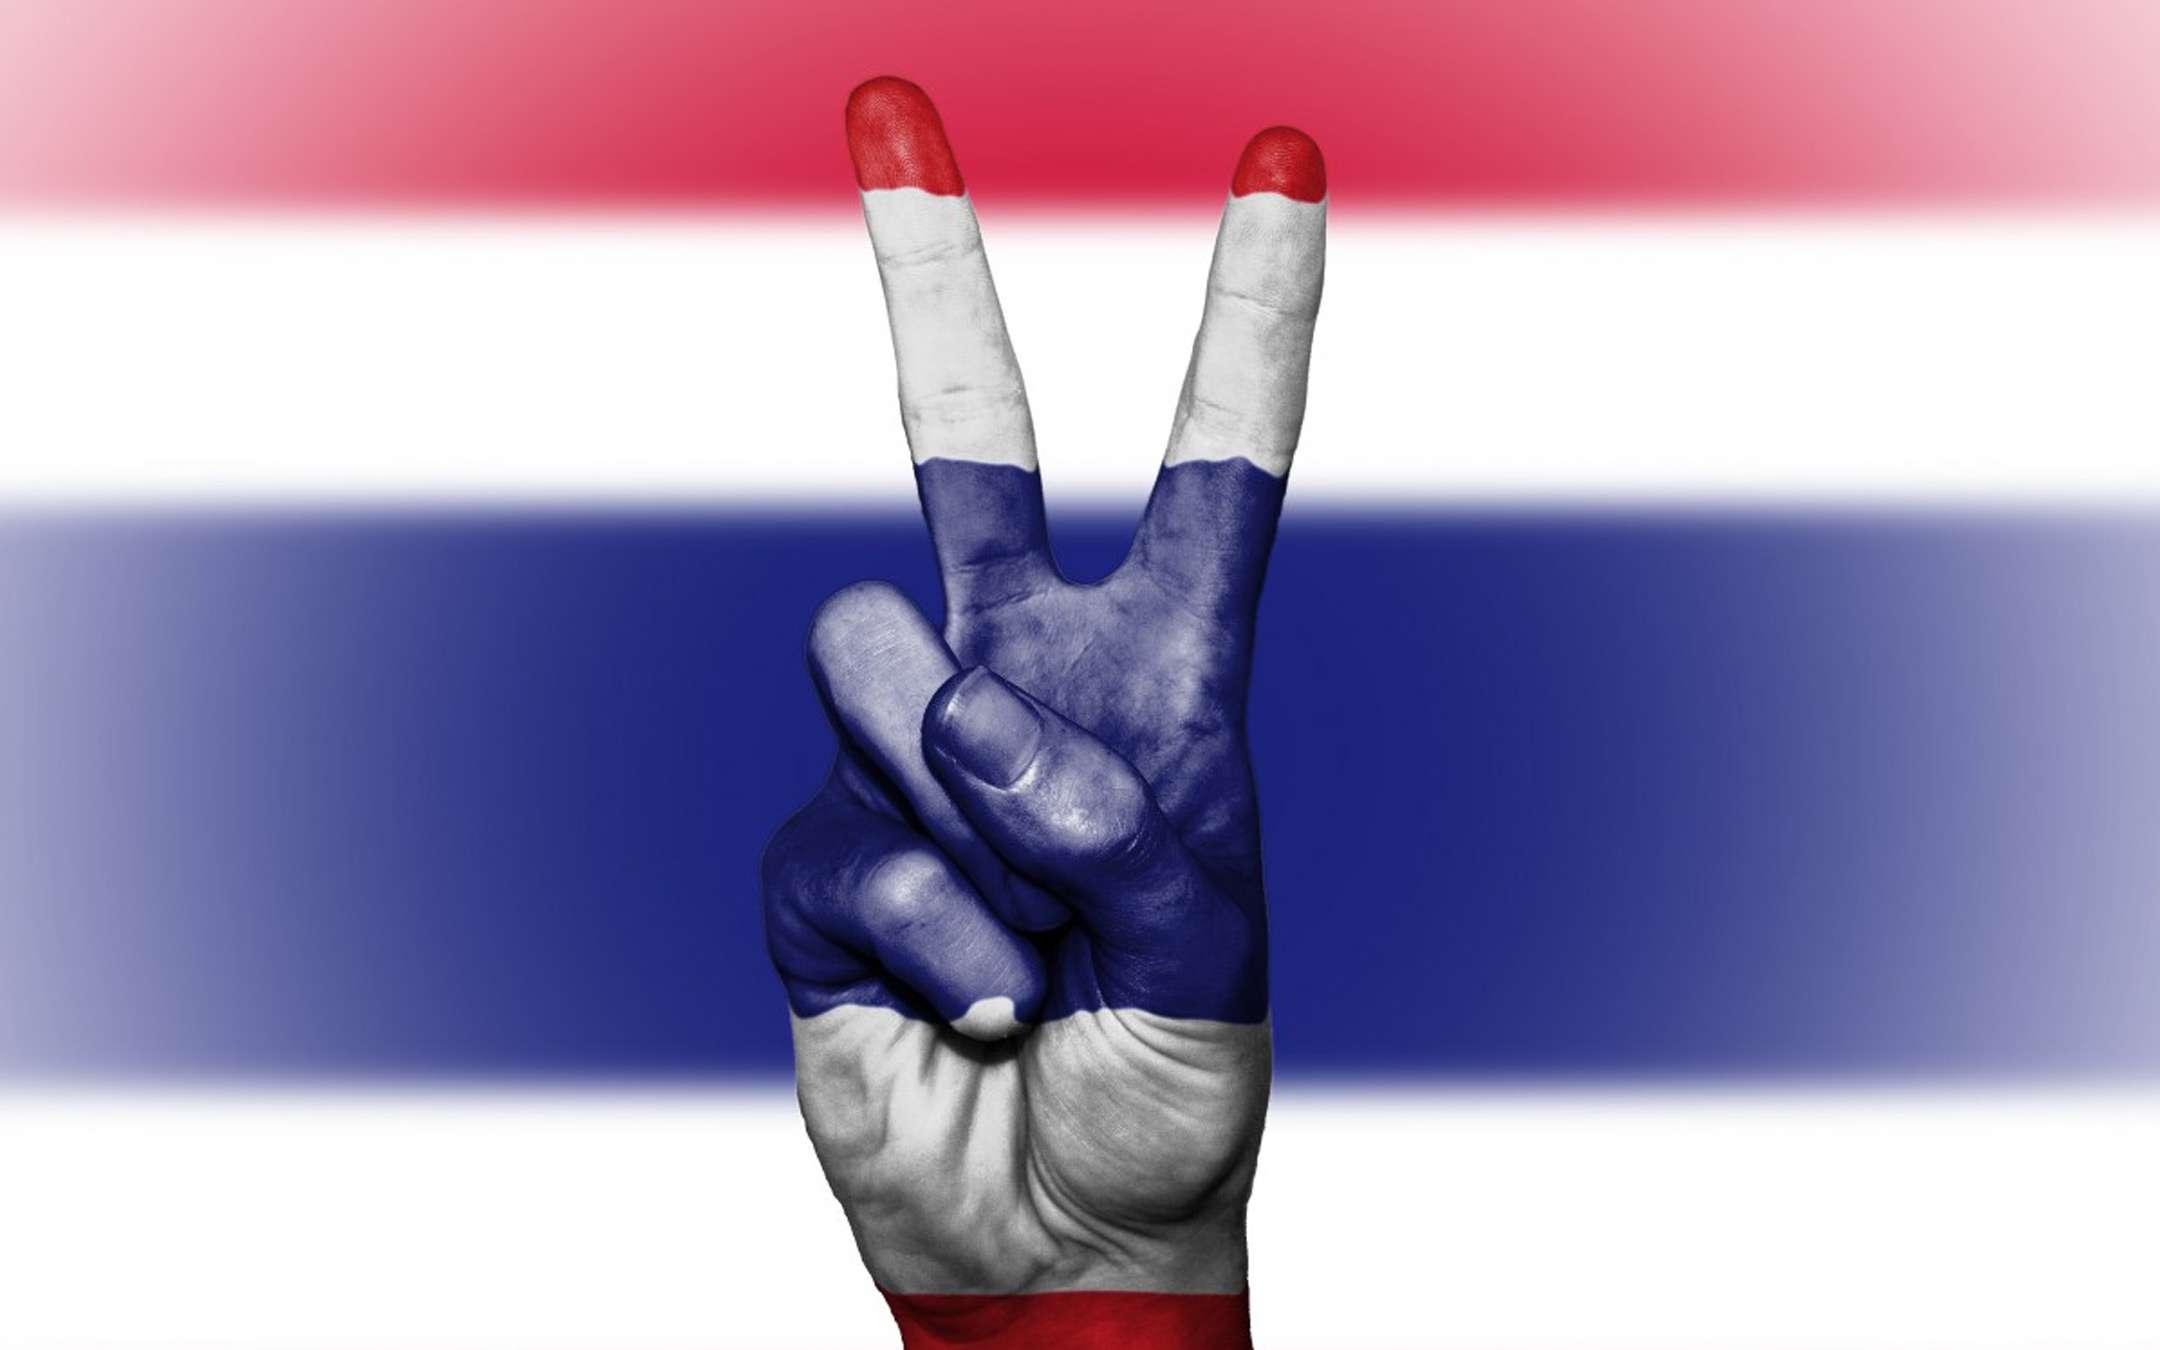 La Thailandia blocca il porno, popolo in rivolta